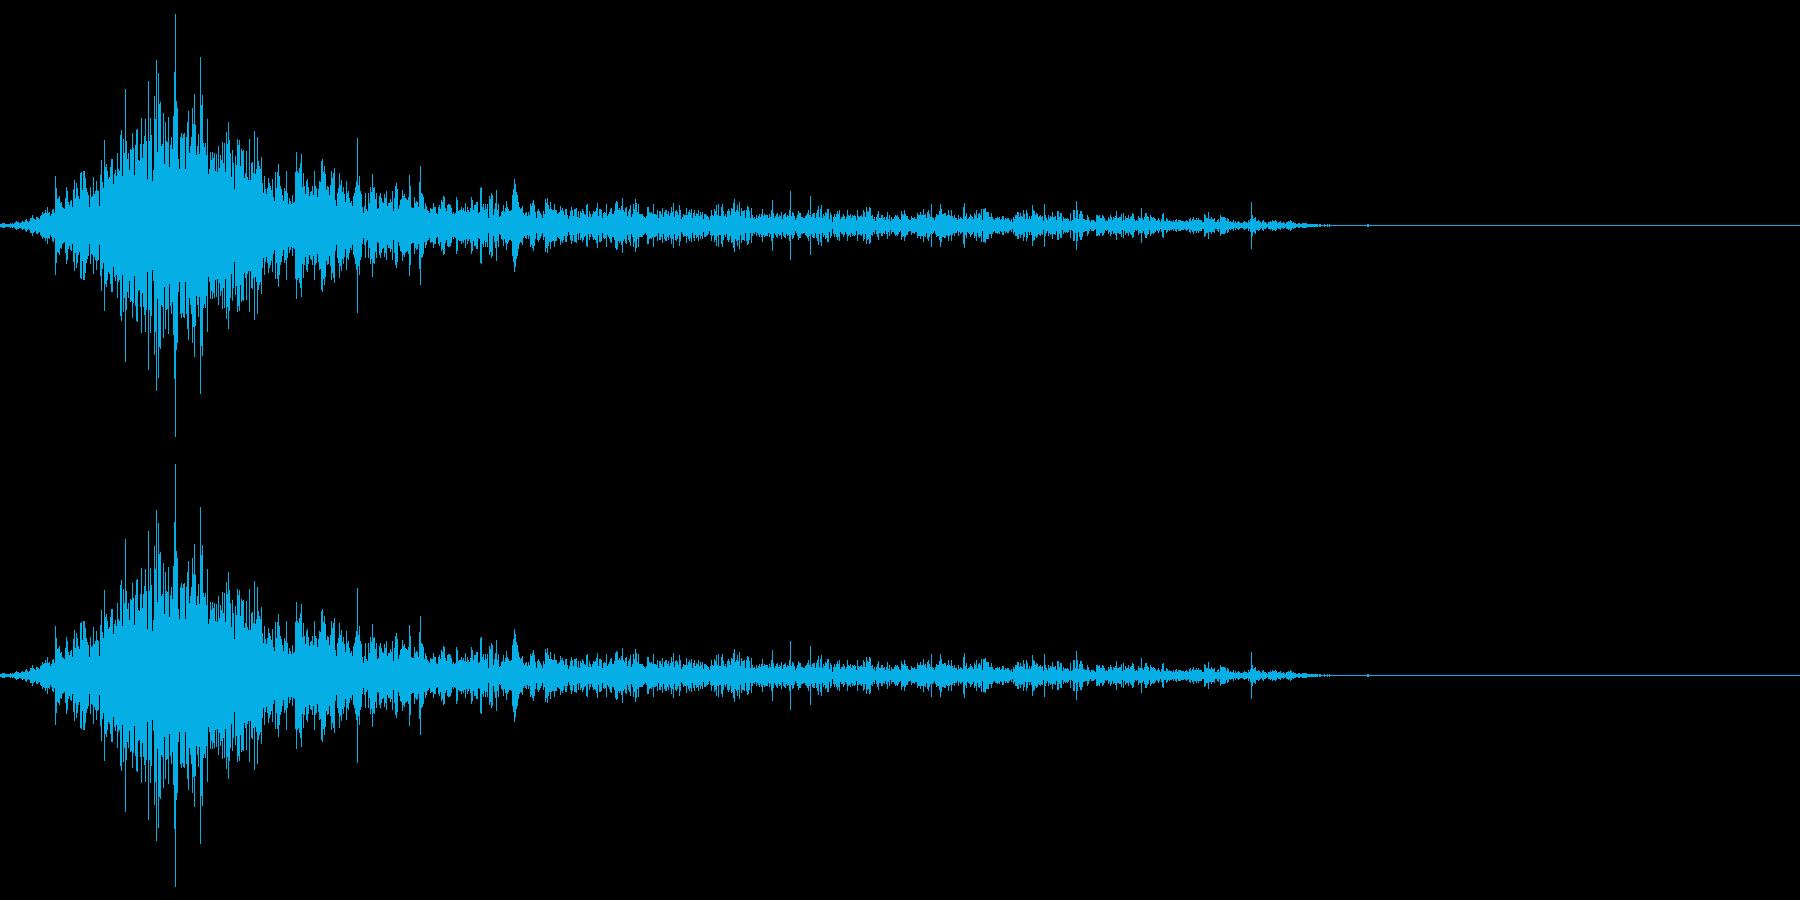 ゾンビやモンスターの唸り声/叫び声!19の再生済みの波形